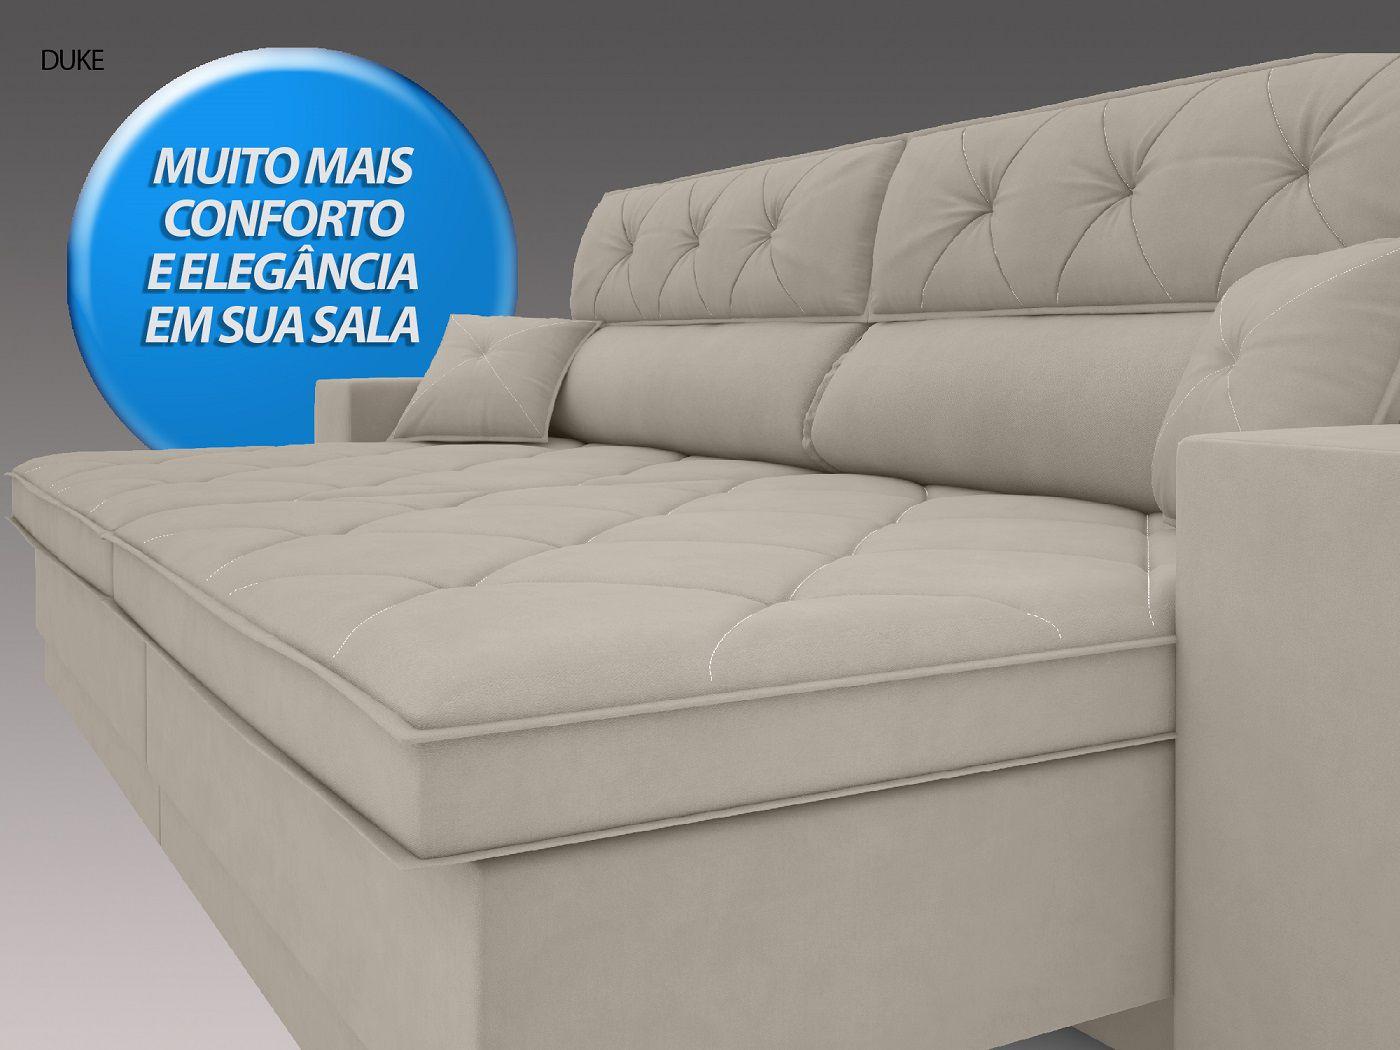 Sofá Duke 2,10m Retrátil e Reclinável Velosuede Areia - NETSOFAS